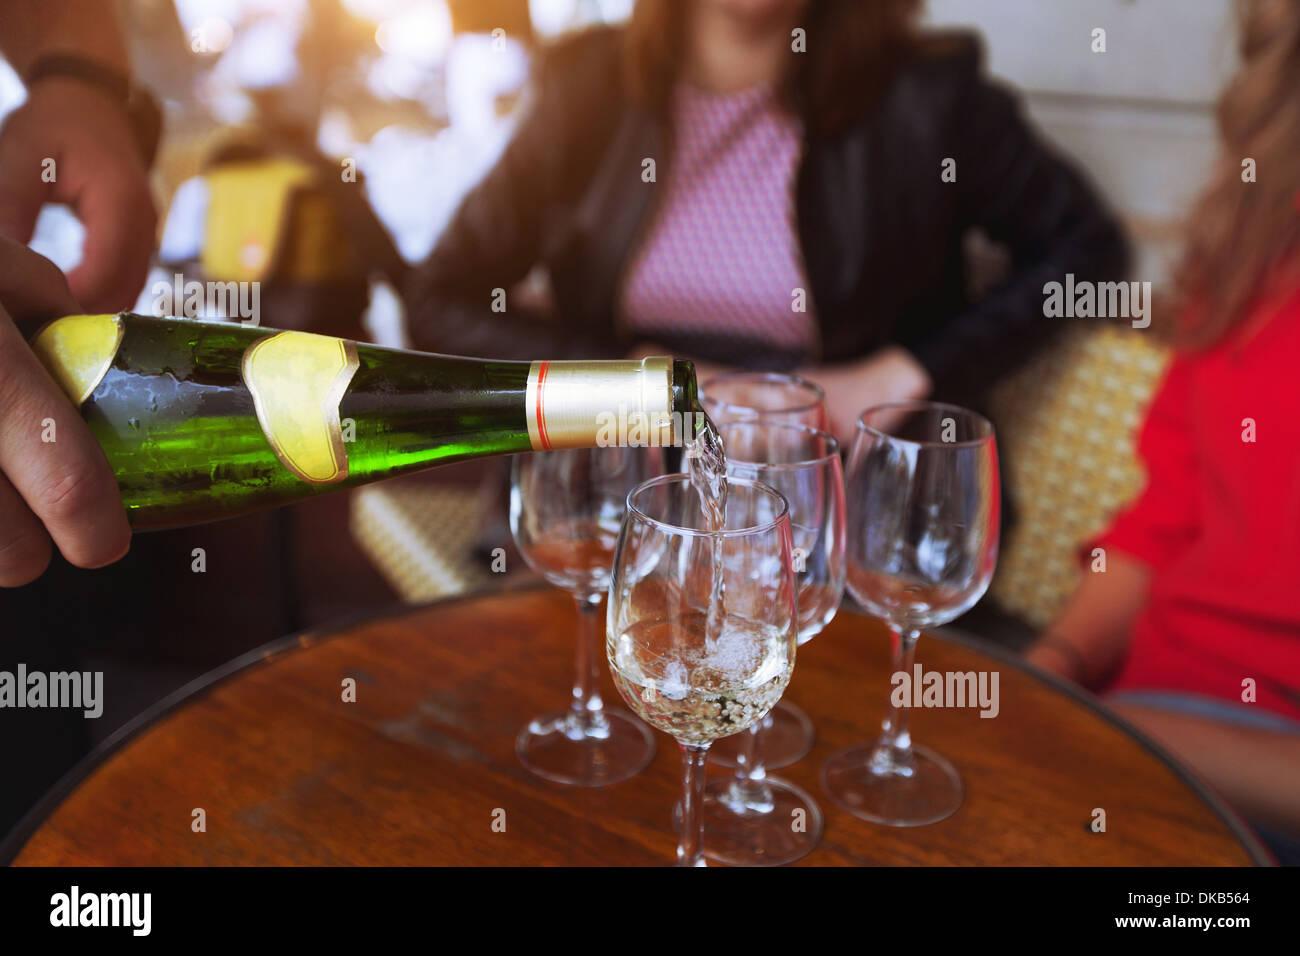 Les amis de boire du vin au restaurant Photo Stock